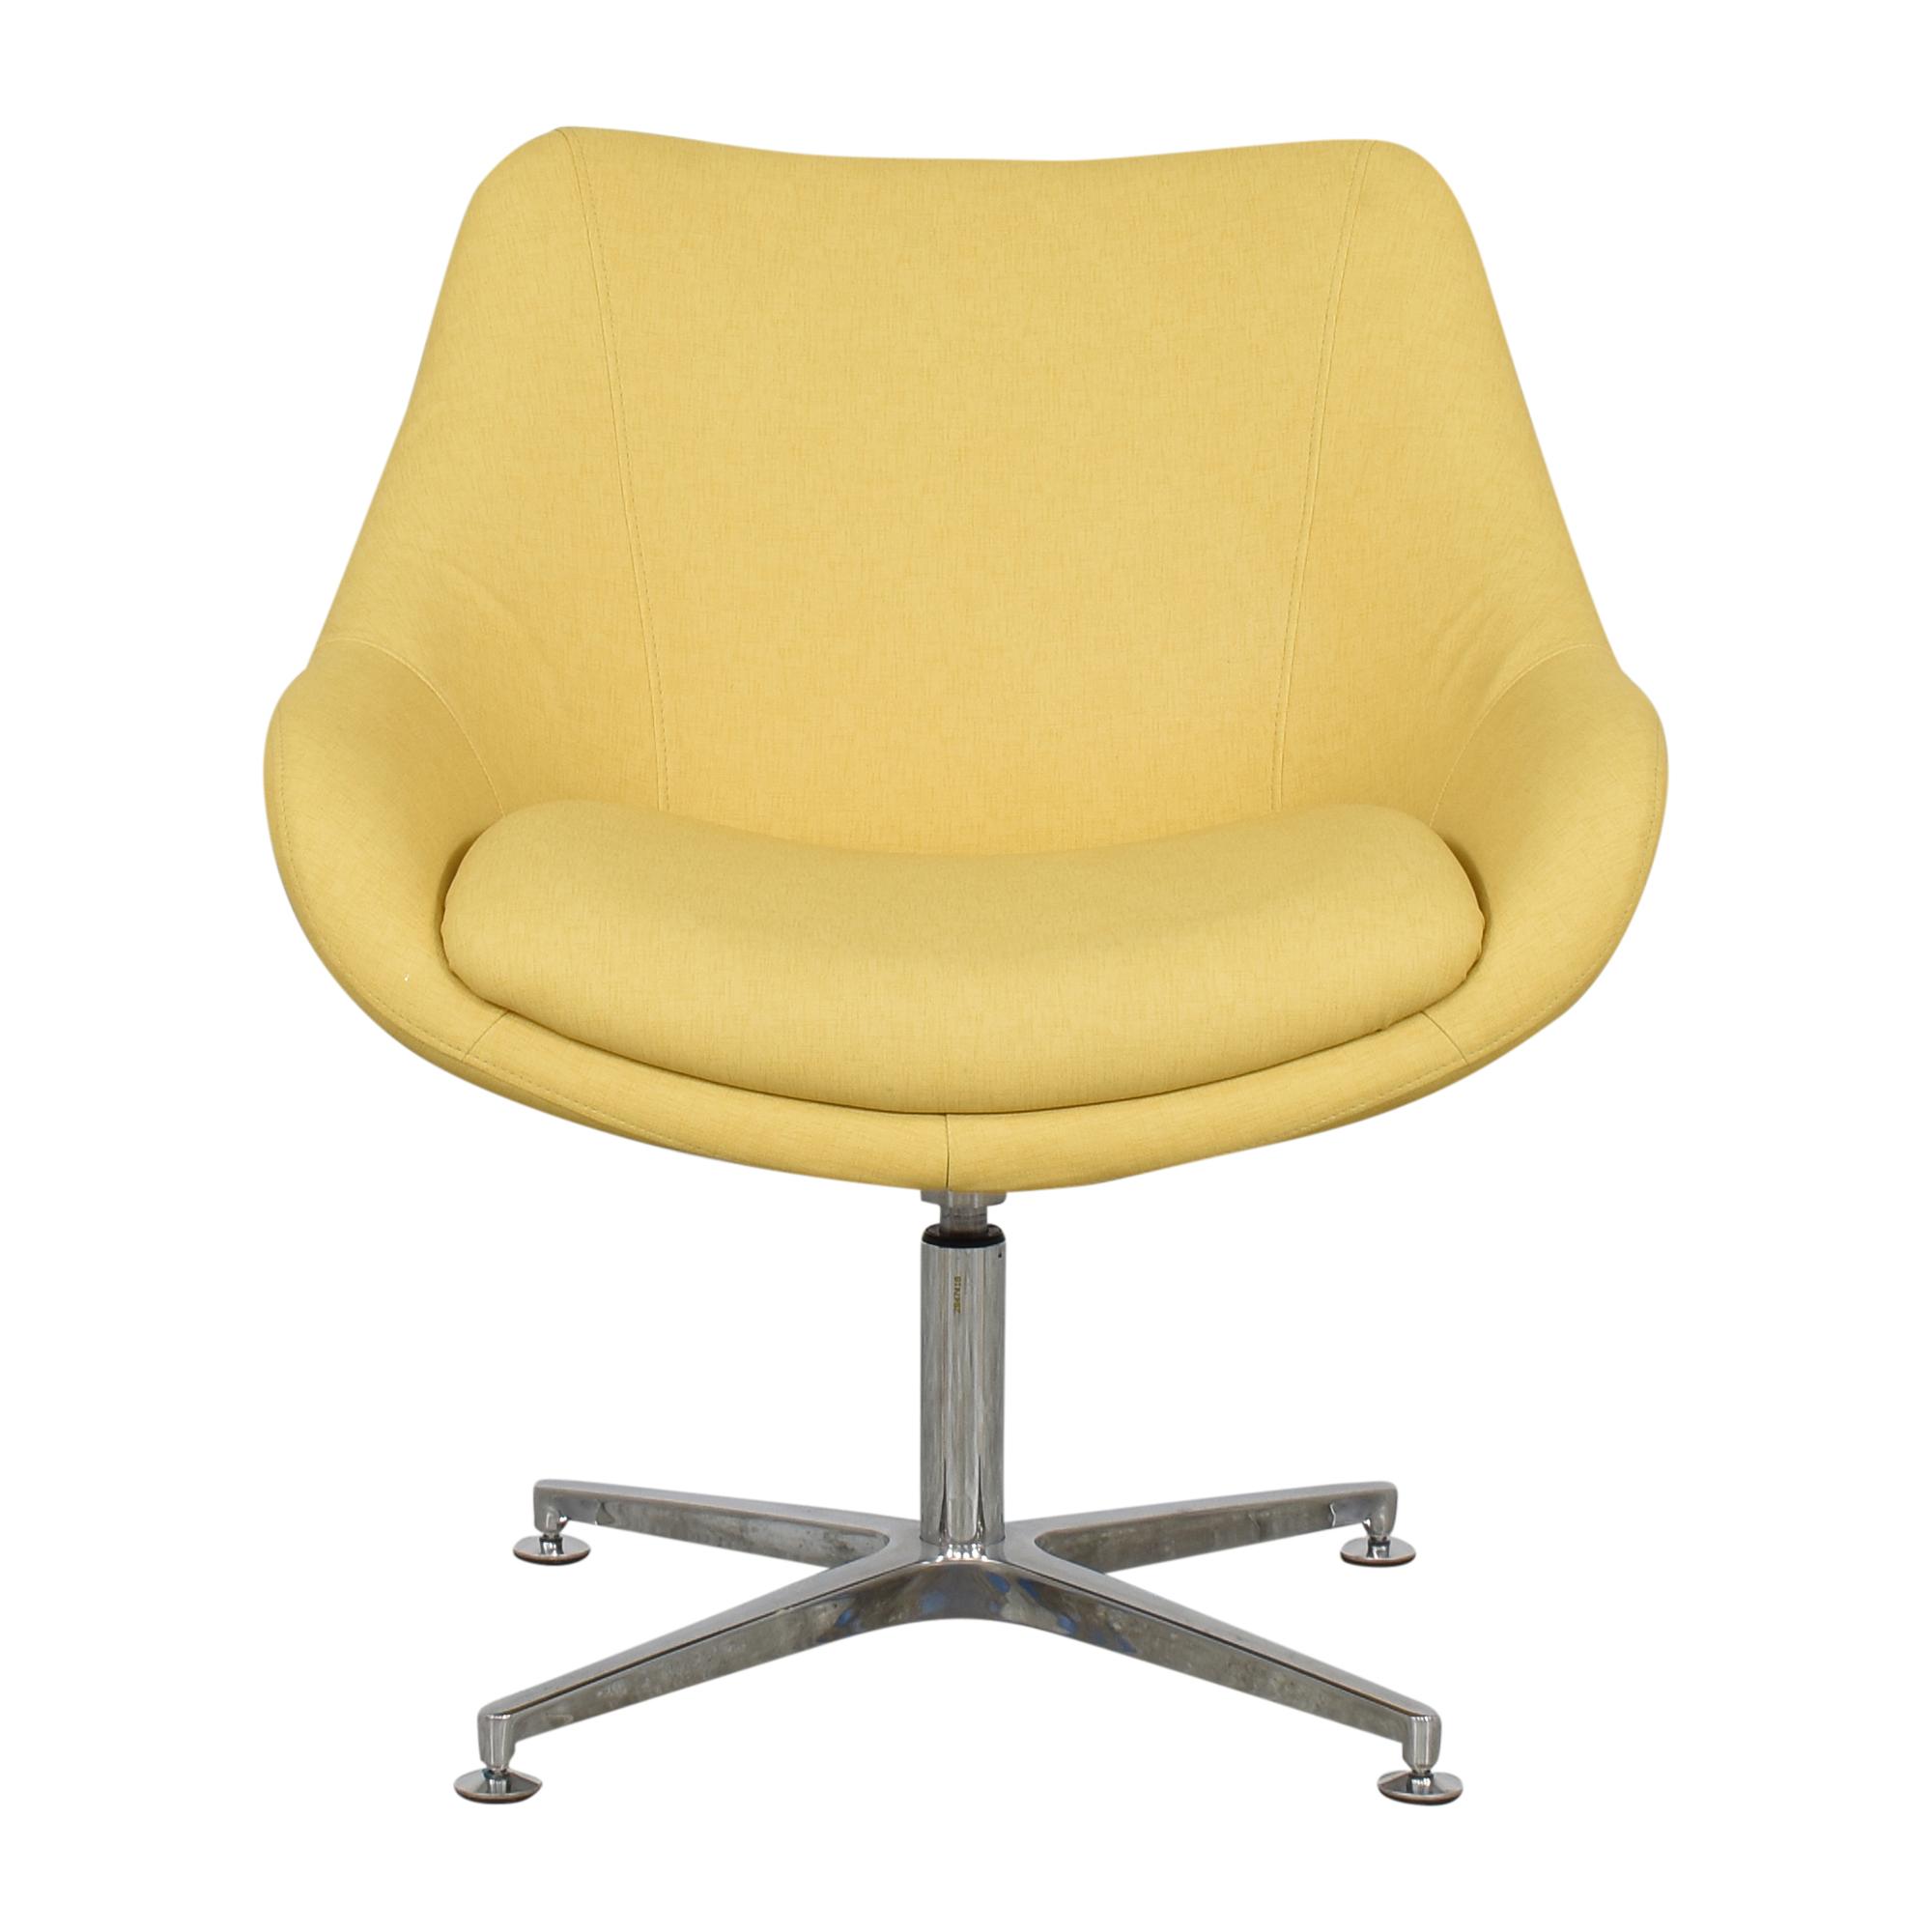 Kimball Kimball Bloom Swivel Lounge Chair ct